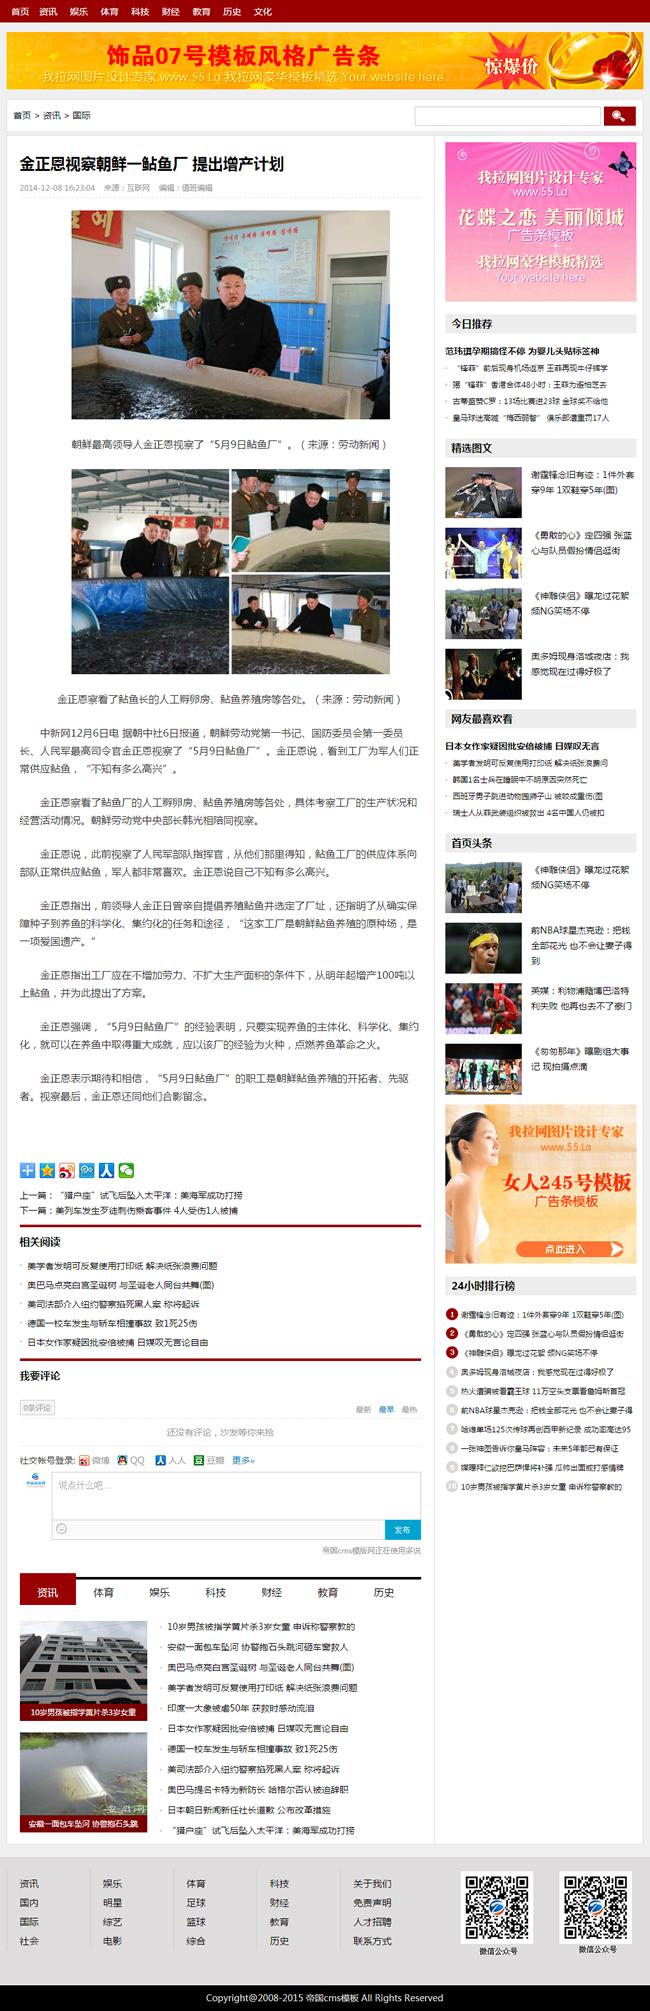 红色大气帝国cms新闻资讯模板_内容页